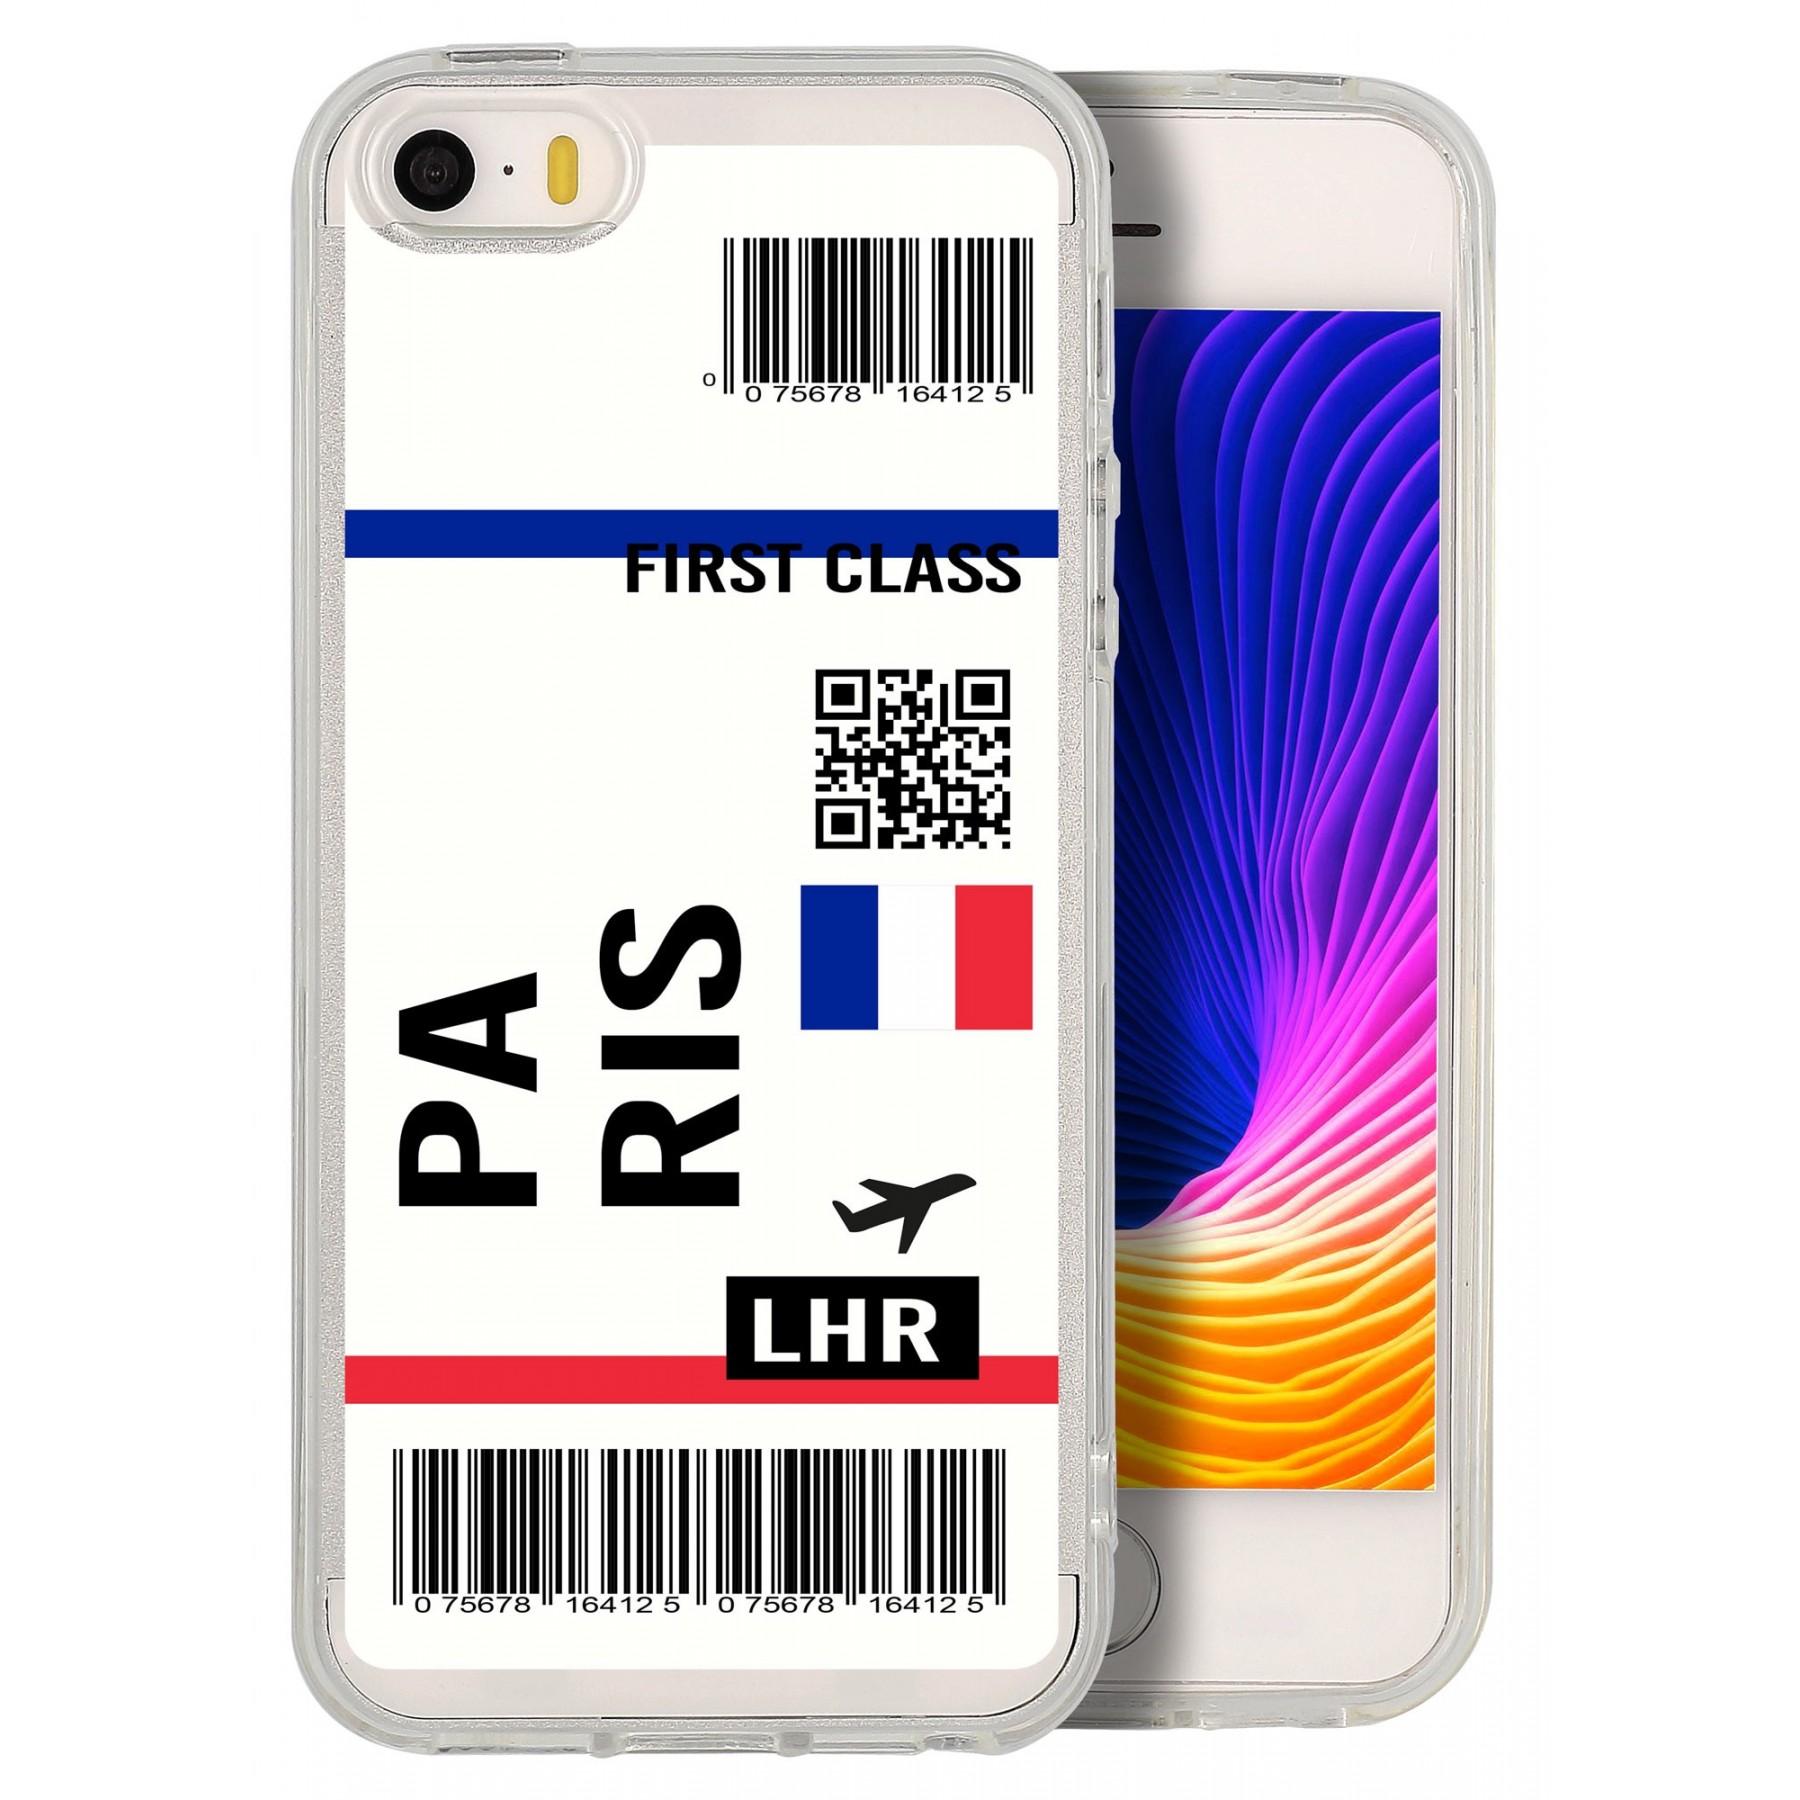 Coque billet avion personnalisable pour Iphone 5S et SE